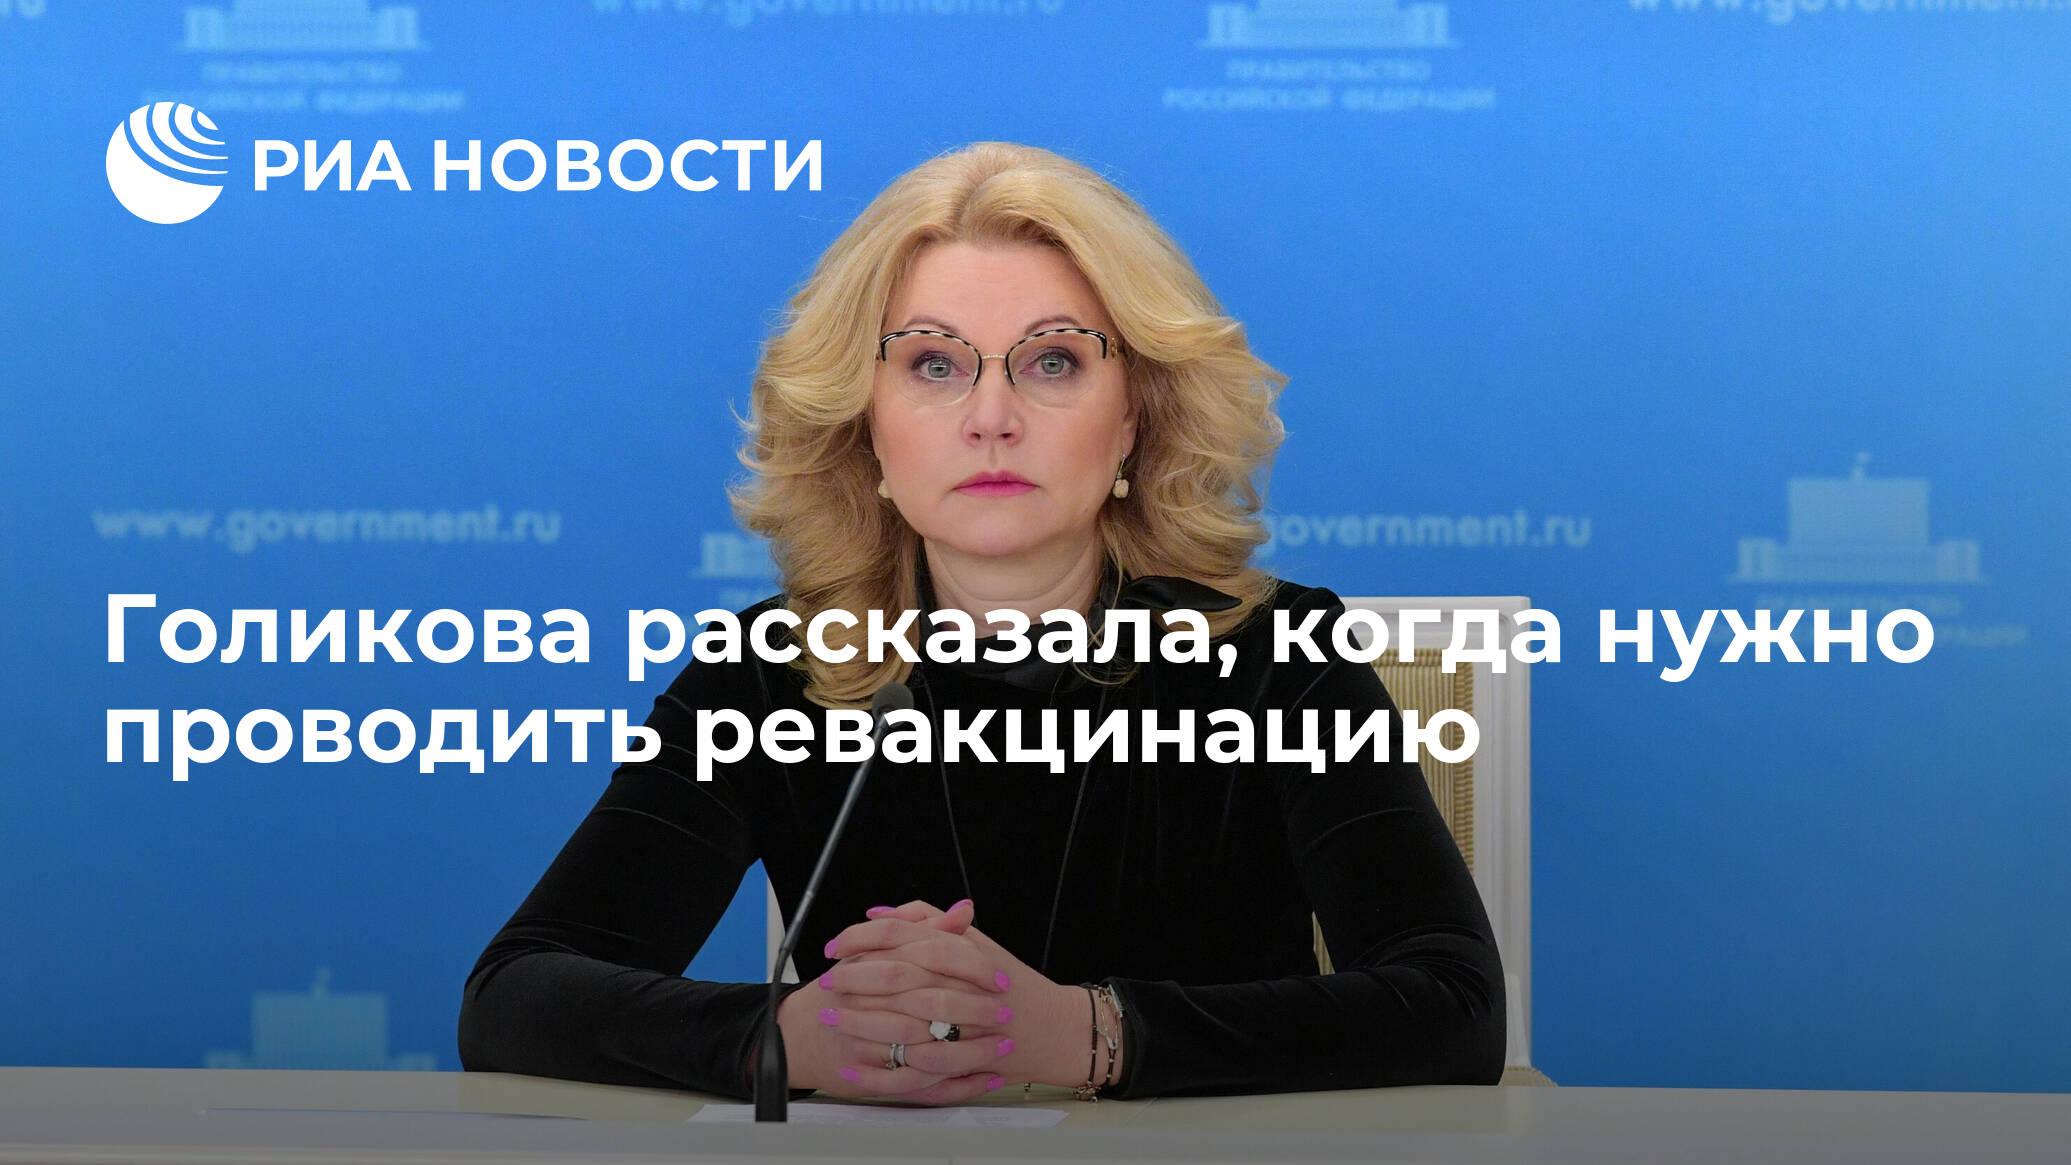 Голикова рассказала, когда нужно проводить ревакцинацию